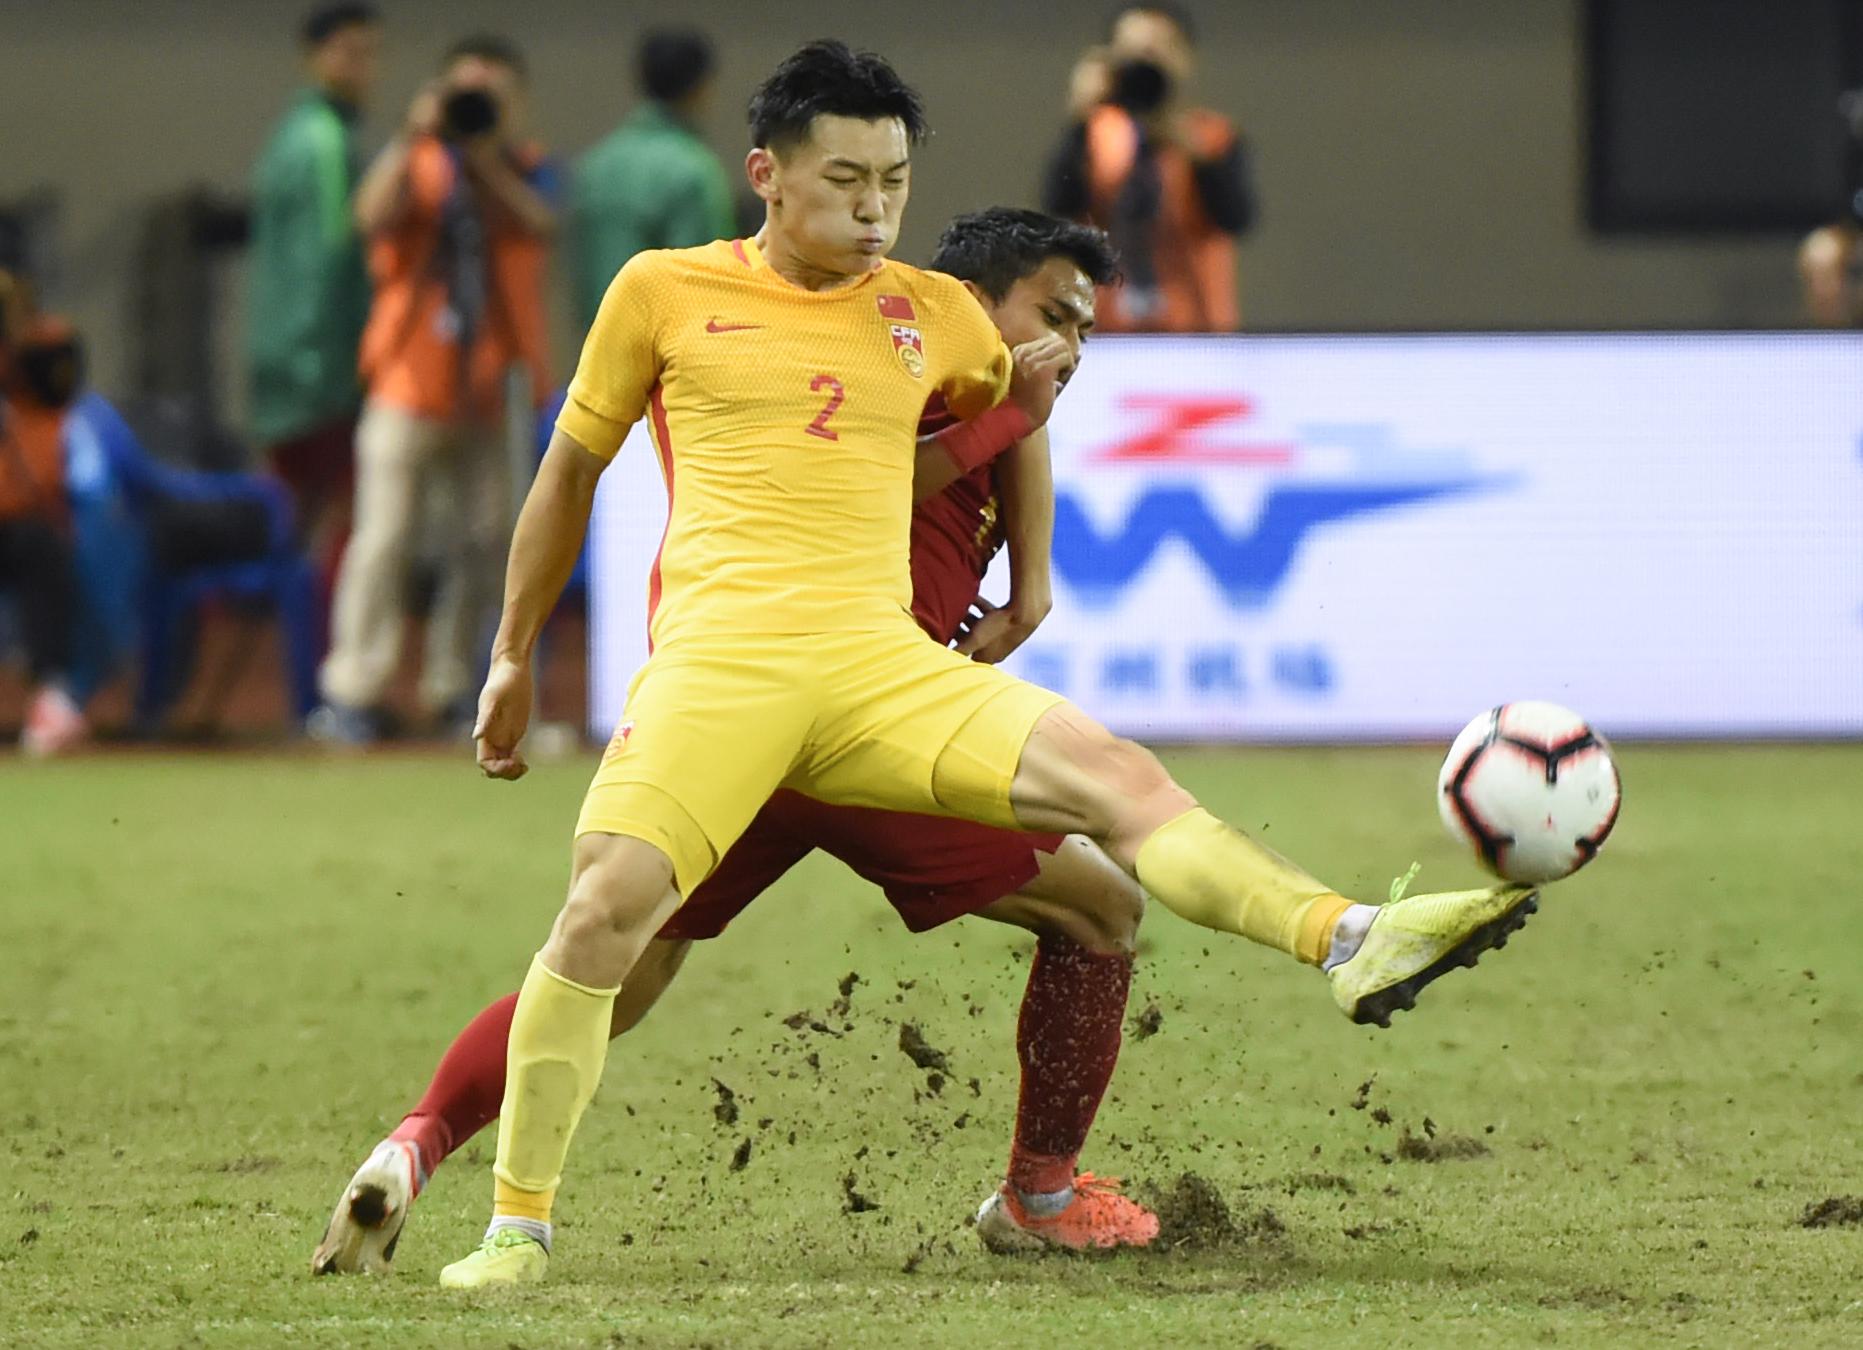 童磊世界波 国奥队两球击败印尼队取热身赛两连胜